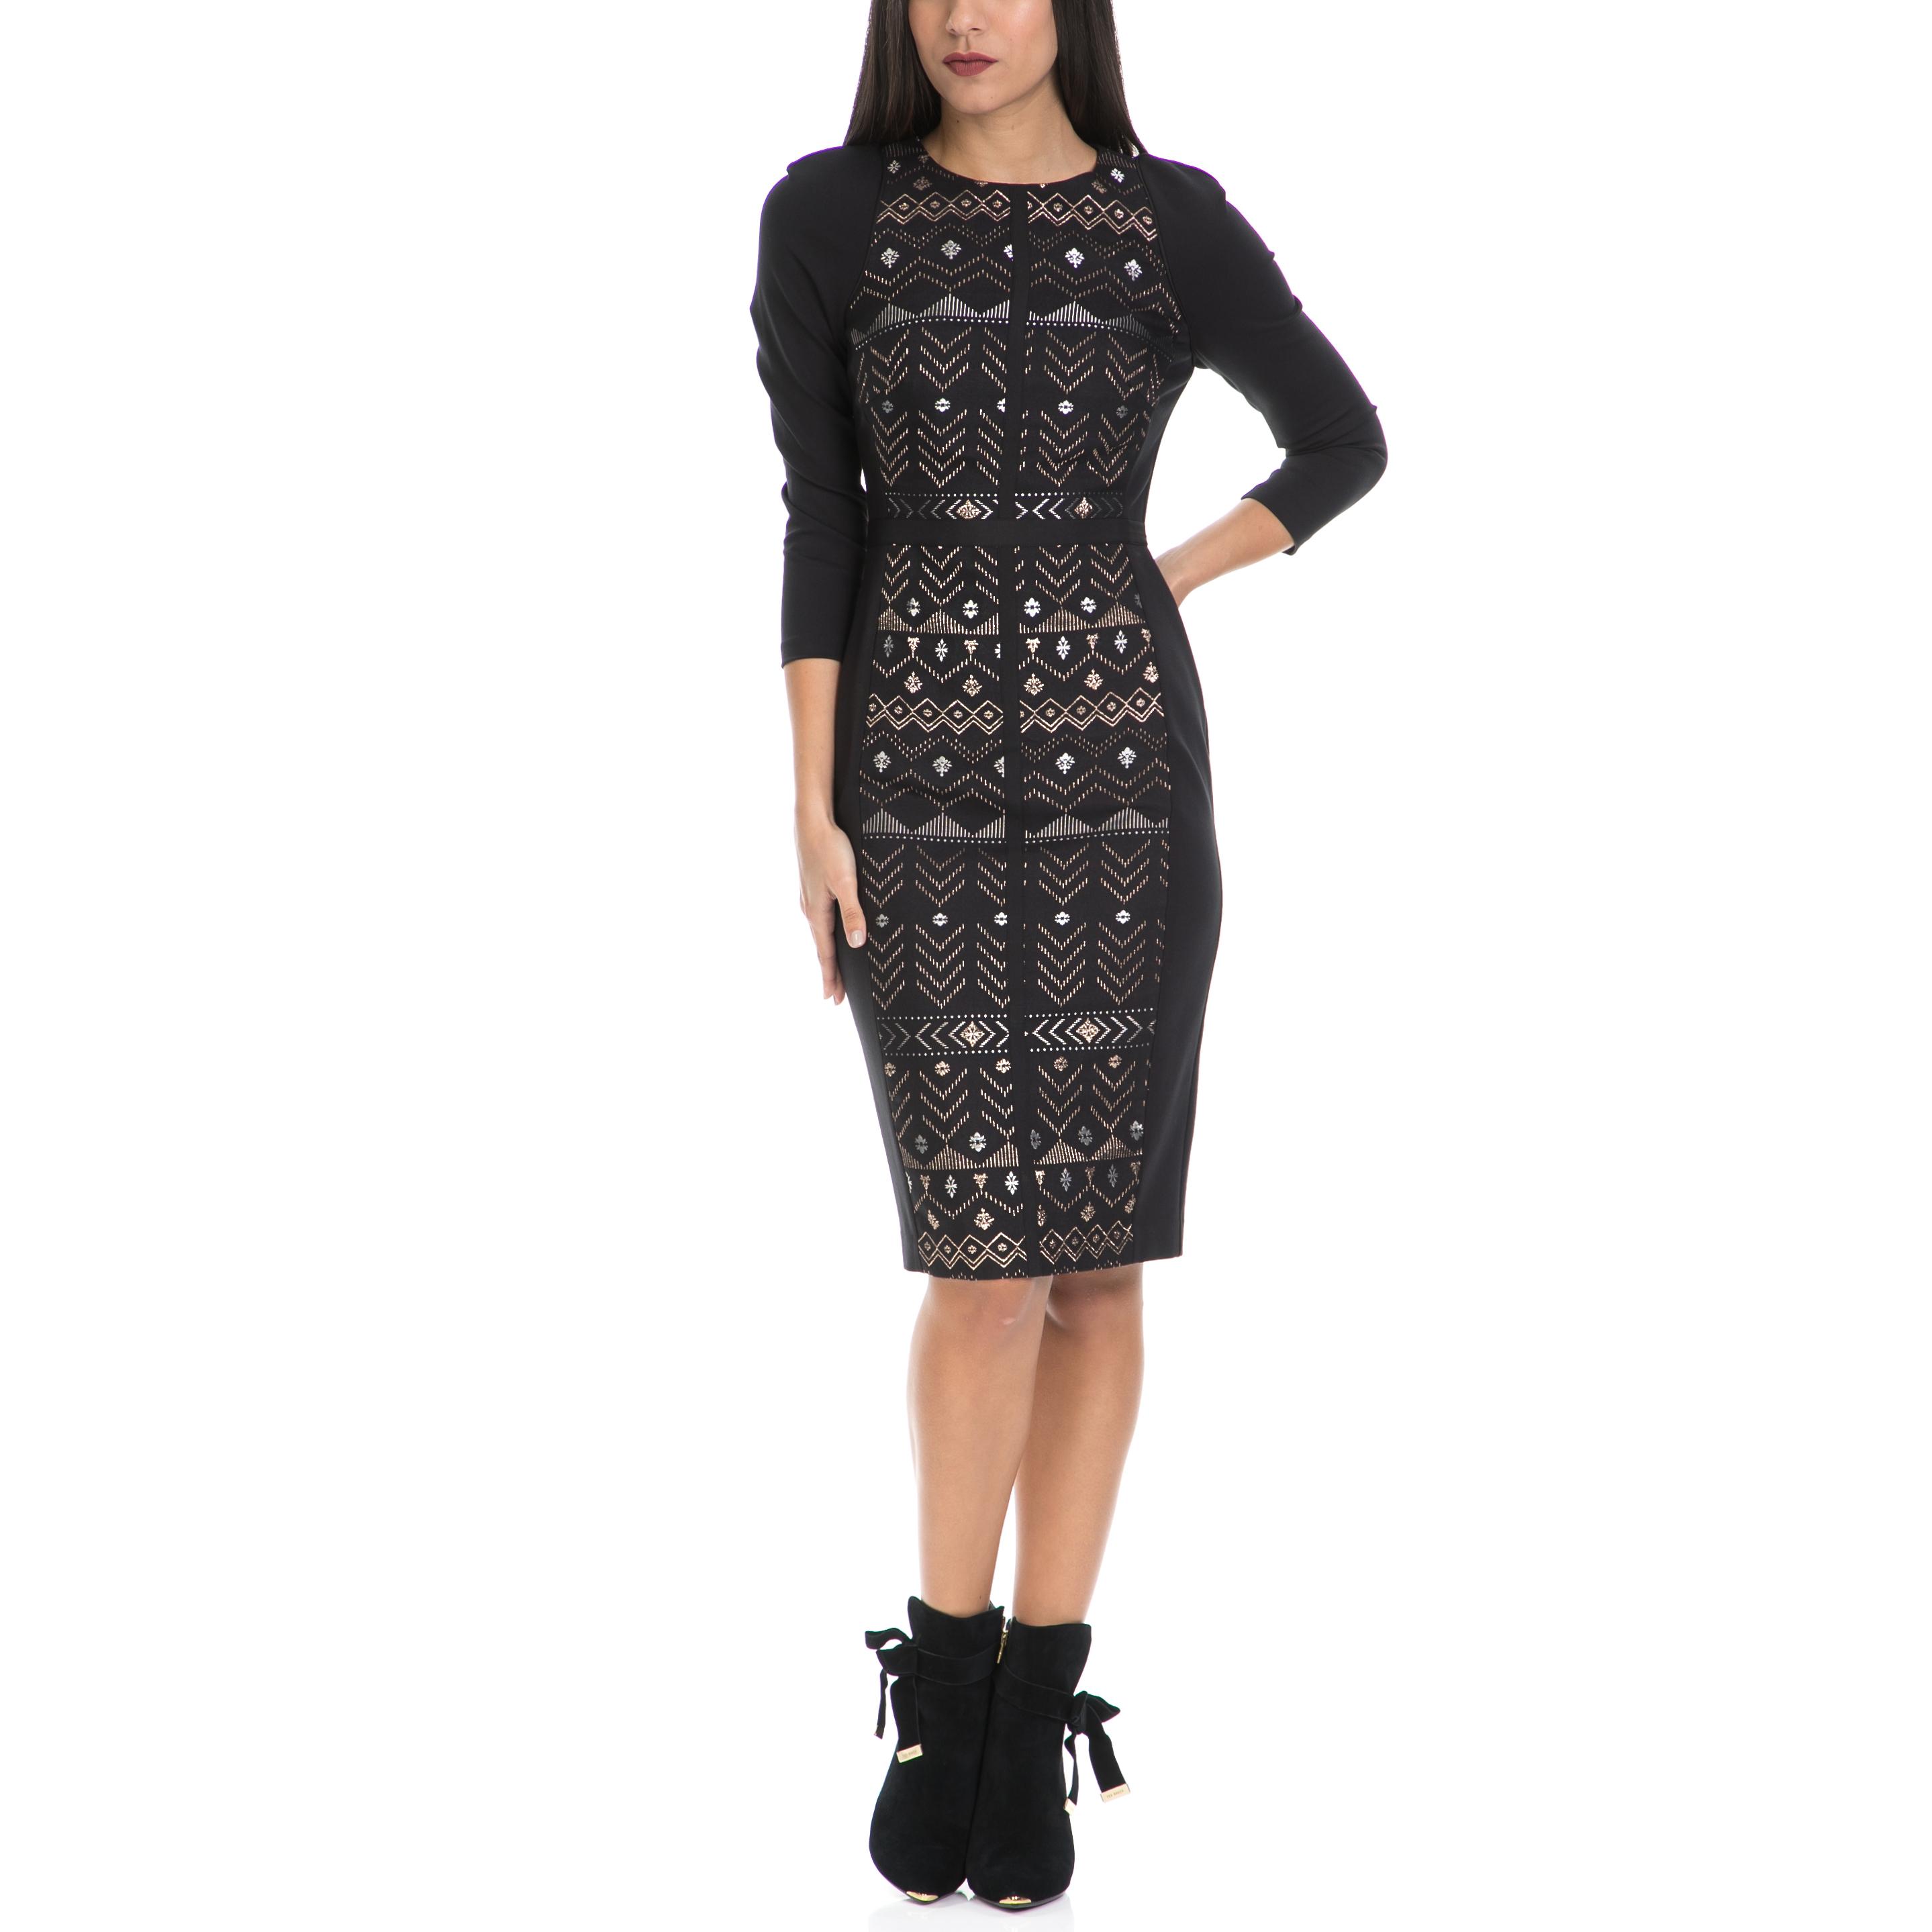 TED BAKER - Γυναικείο φόρεμα MILEAE TED BAKER μαύρο 1ab8e9b2751